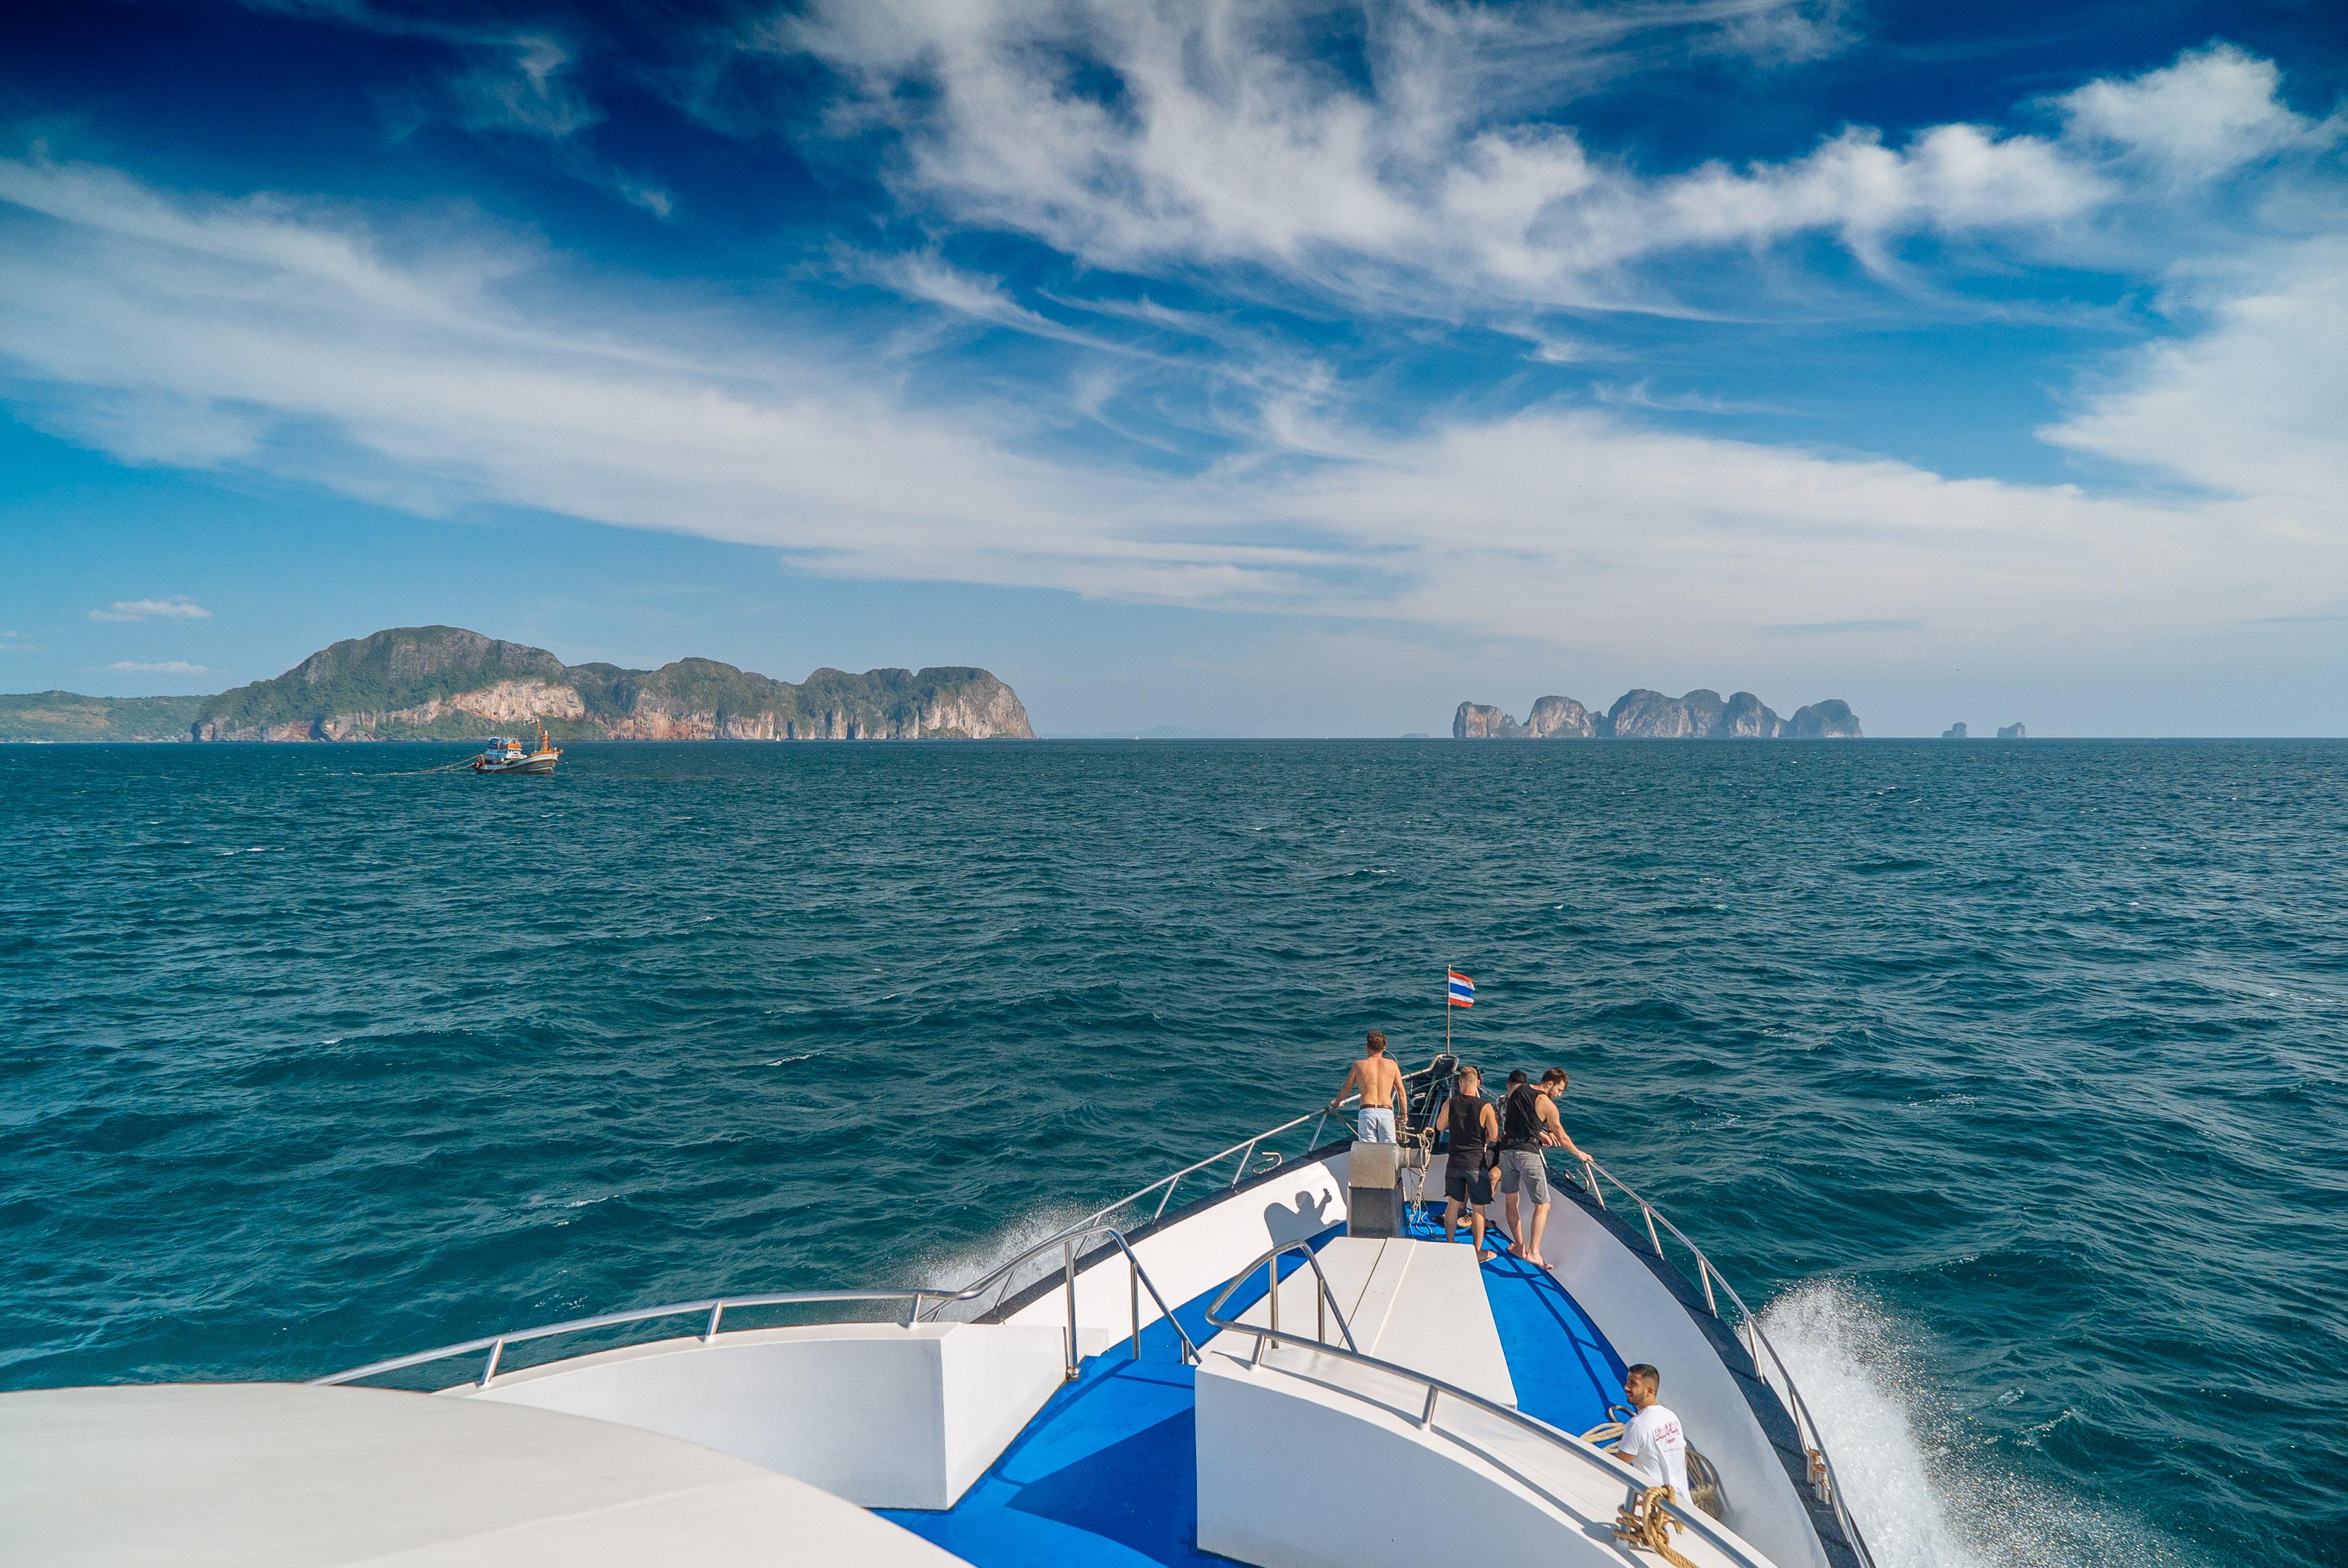 Таиланд объявил о двух новых кампаниях по стимулированию внутреннего туризма